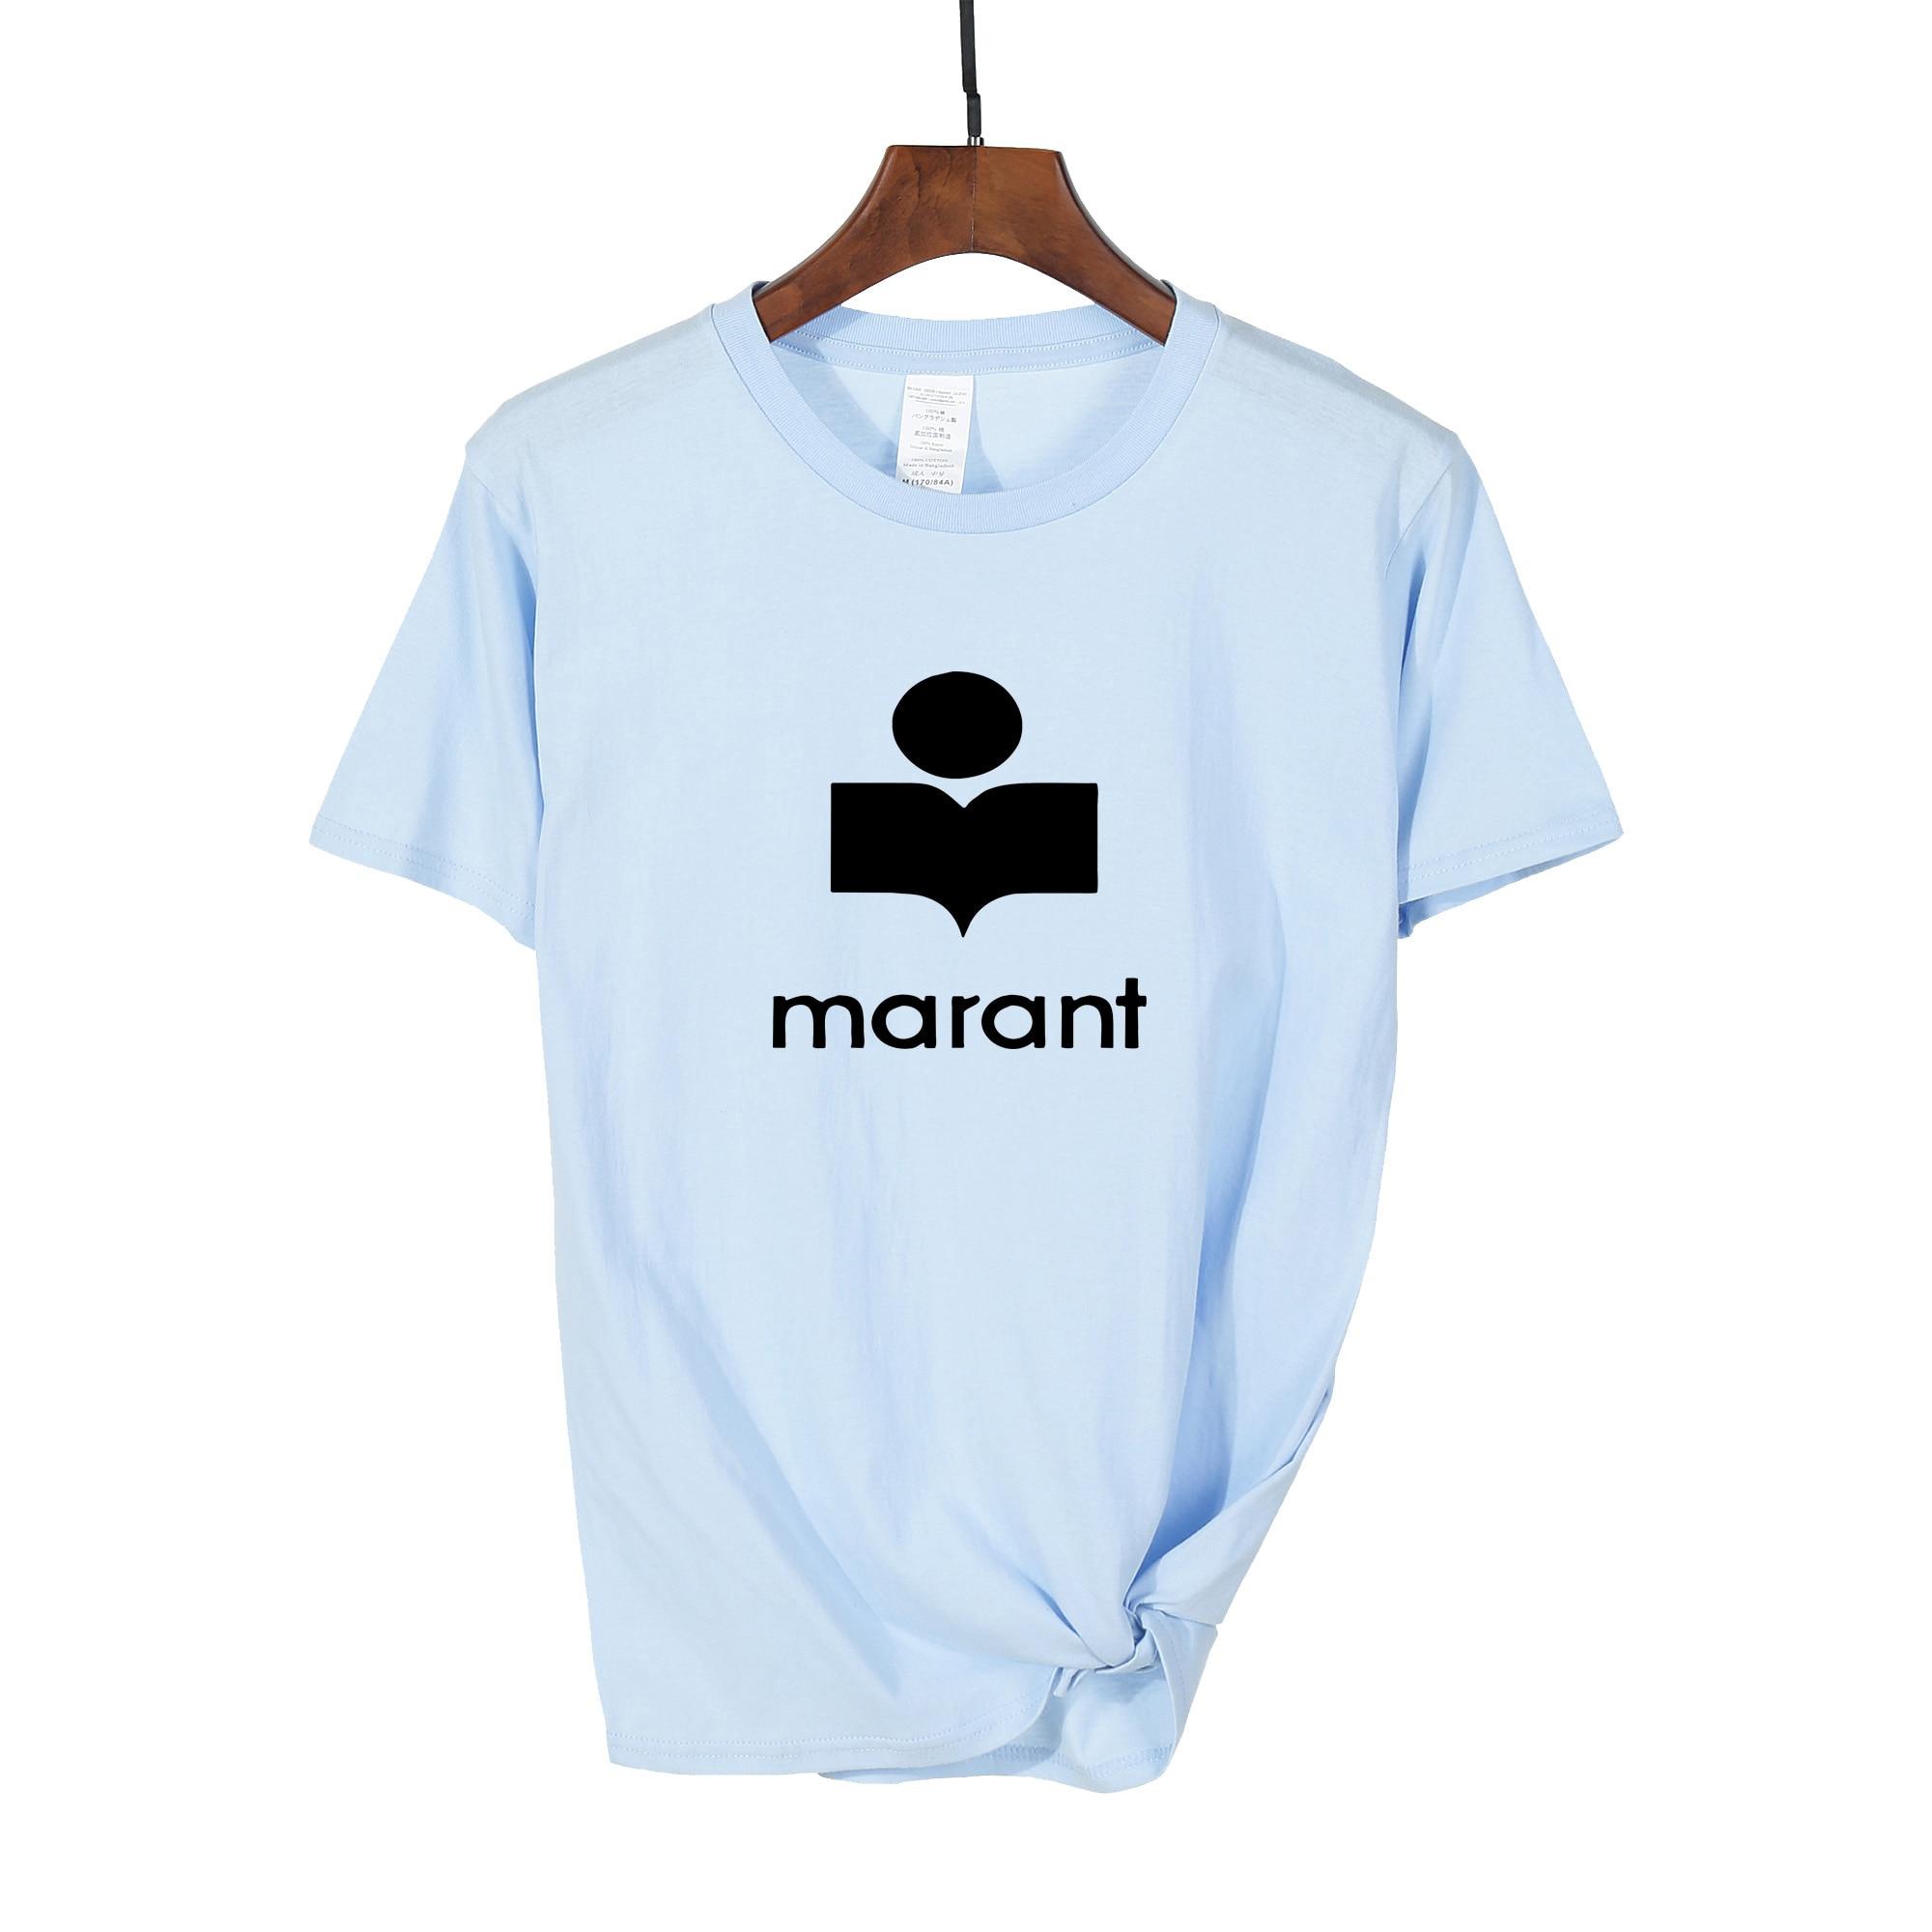 Camisa básica de krouwen do modo de vrouwen karte natuurlijke camisa básica vrouw kitty 2020